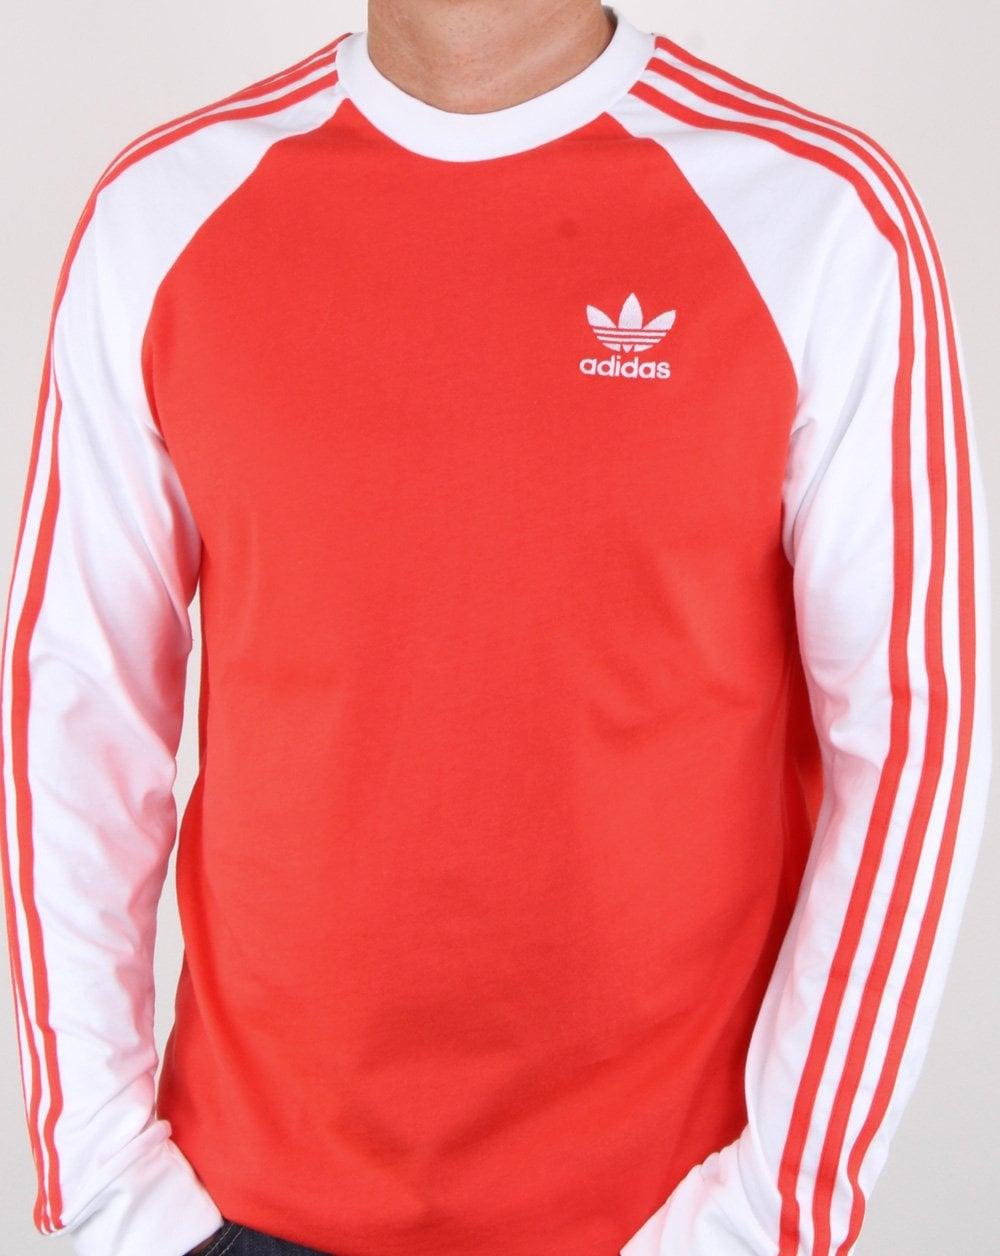 3de1b789 adidas Originals Adidas Originals 3 Stripes Long Sleeve T Shirt Bright Red